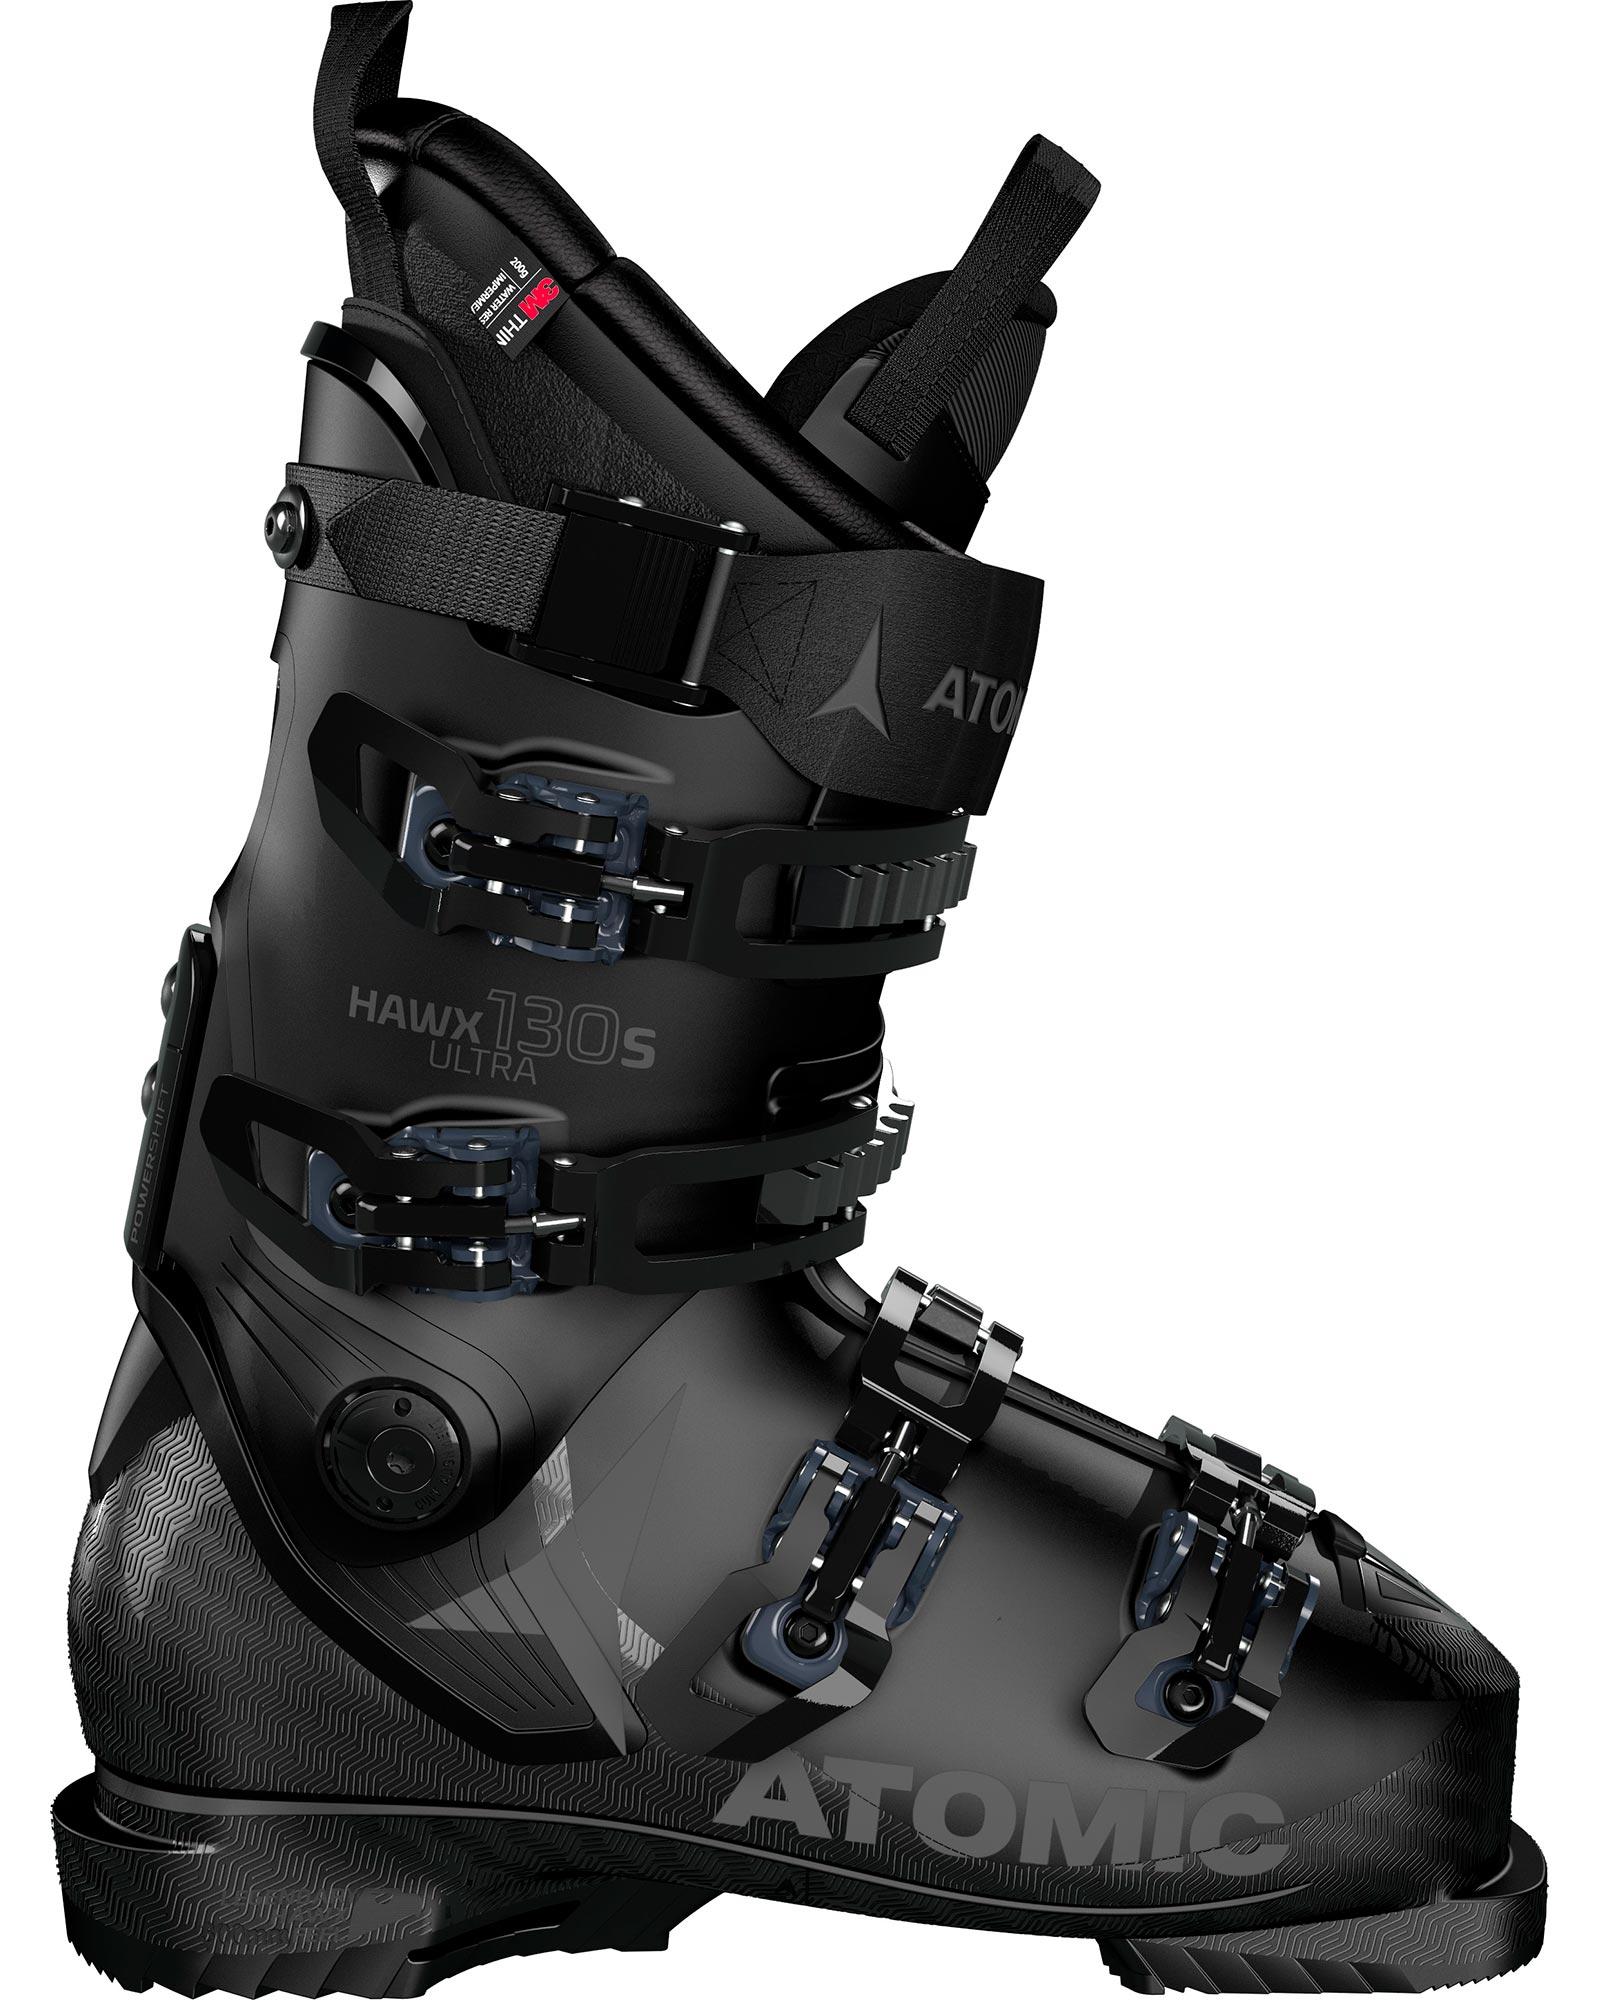 Atomic Men's Hawx Ultra 130 S Ski Boots 2021 0